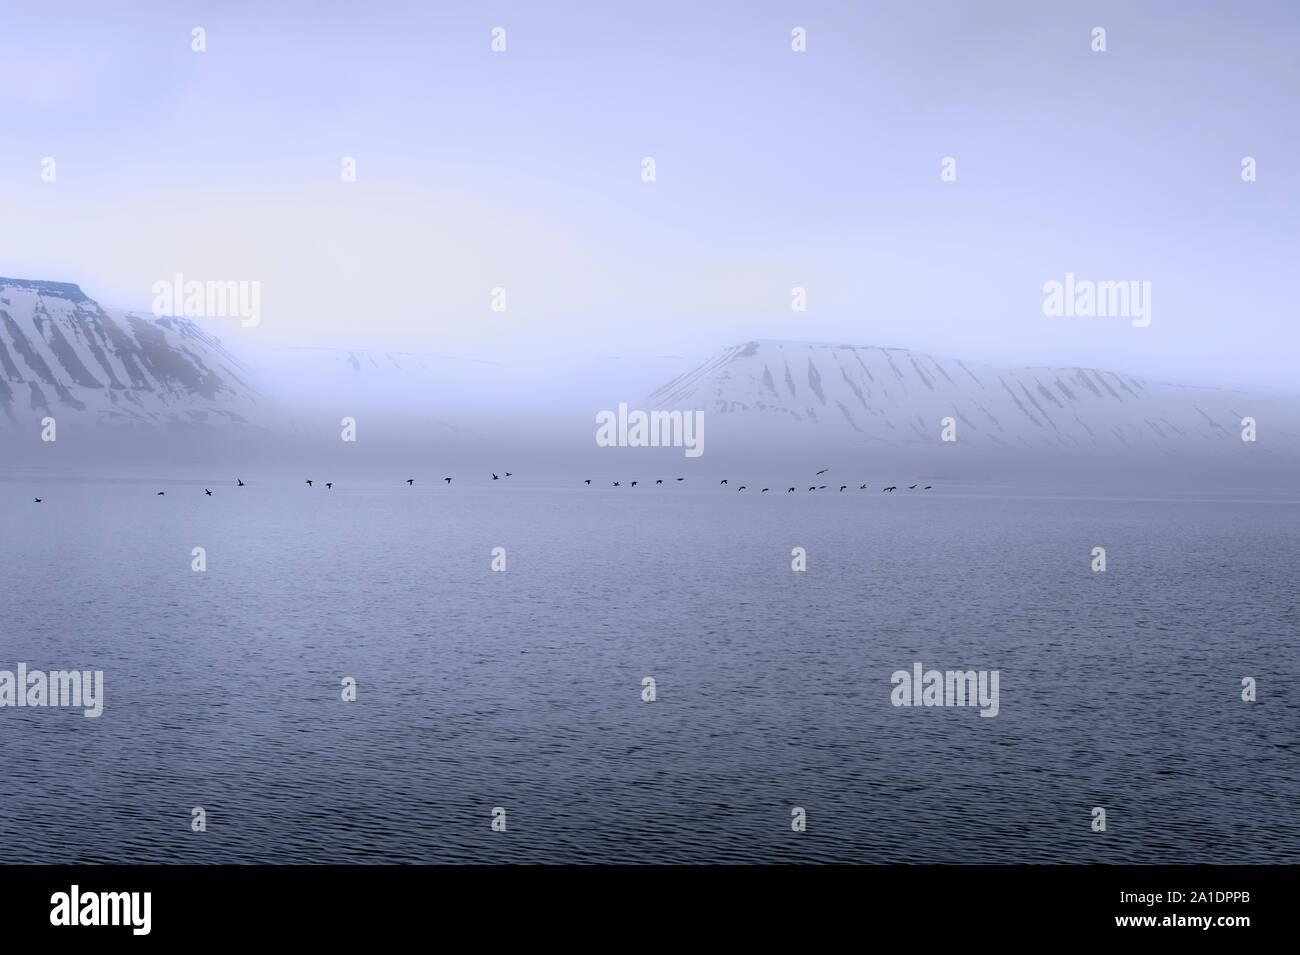 Flock of Thick-billed Murres (Uria lomvia) or Brunnich's guillemots Lying over Hinlopen Strait, Spitsbergen Island, Svalbard Archipelago, Norway Stock Photo